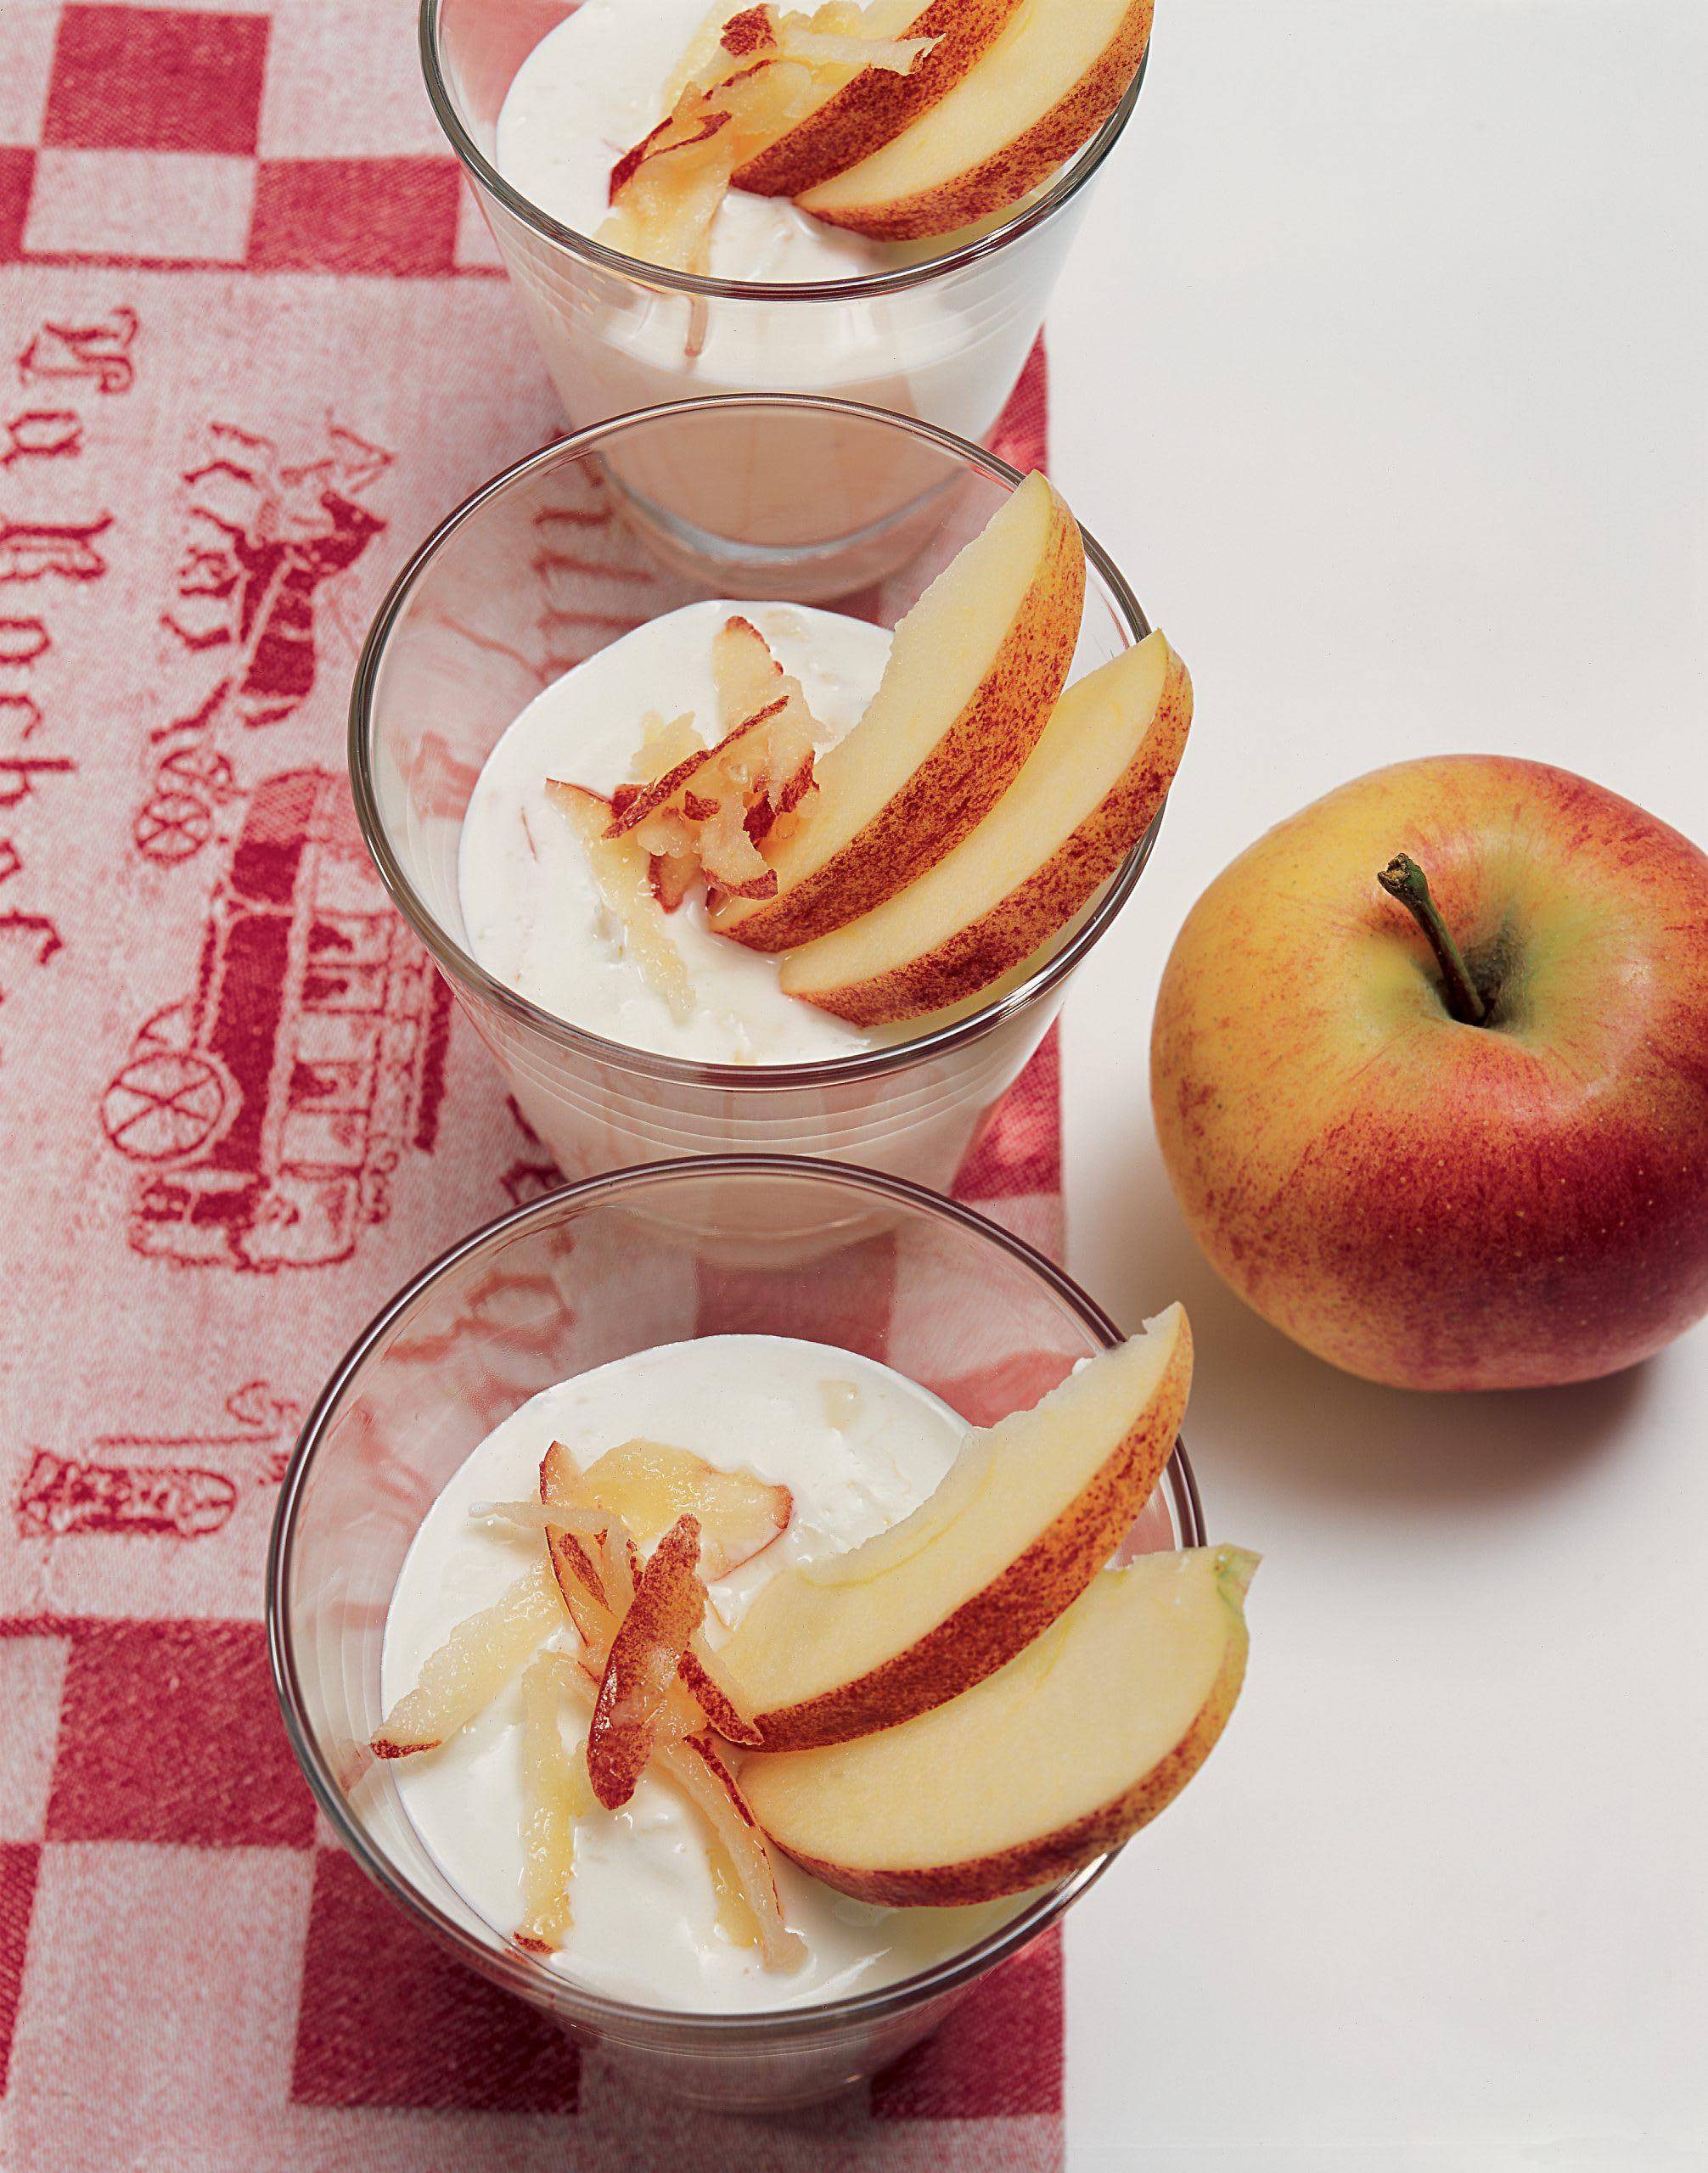 Apfelcrème mit Holunderblütensirup